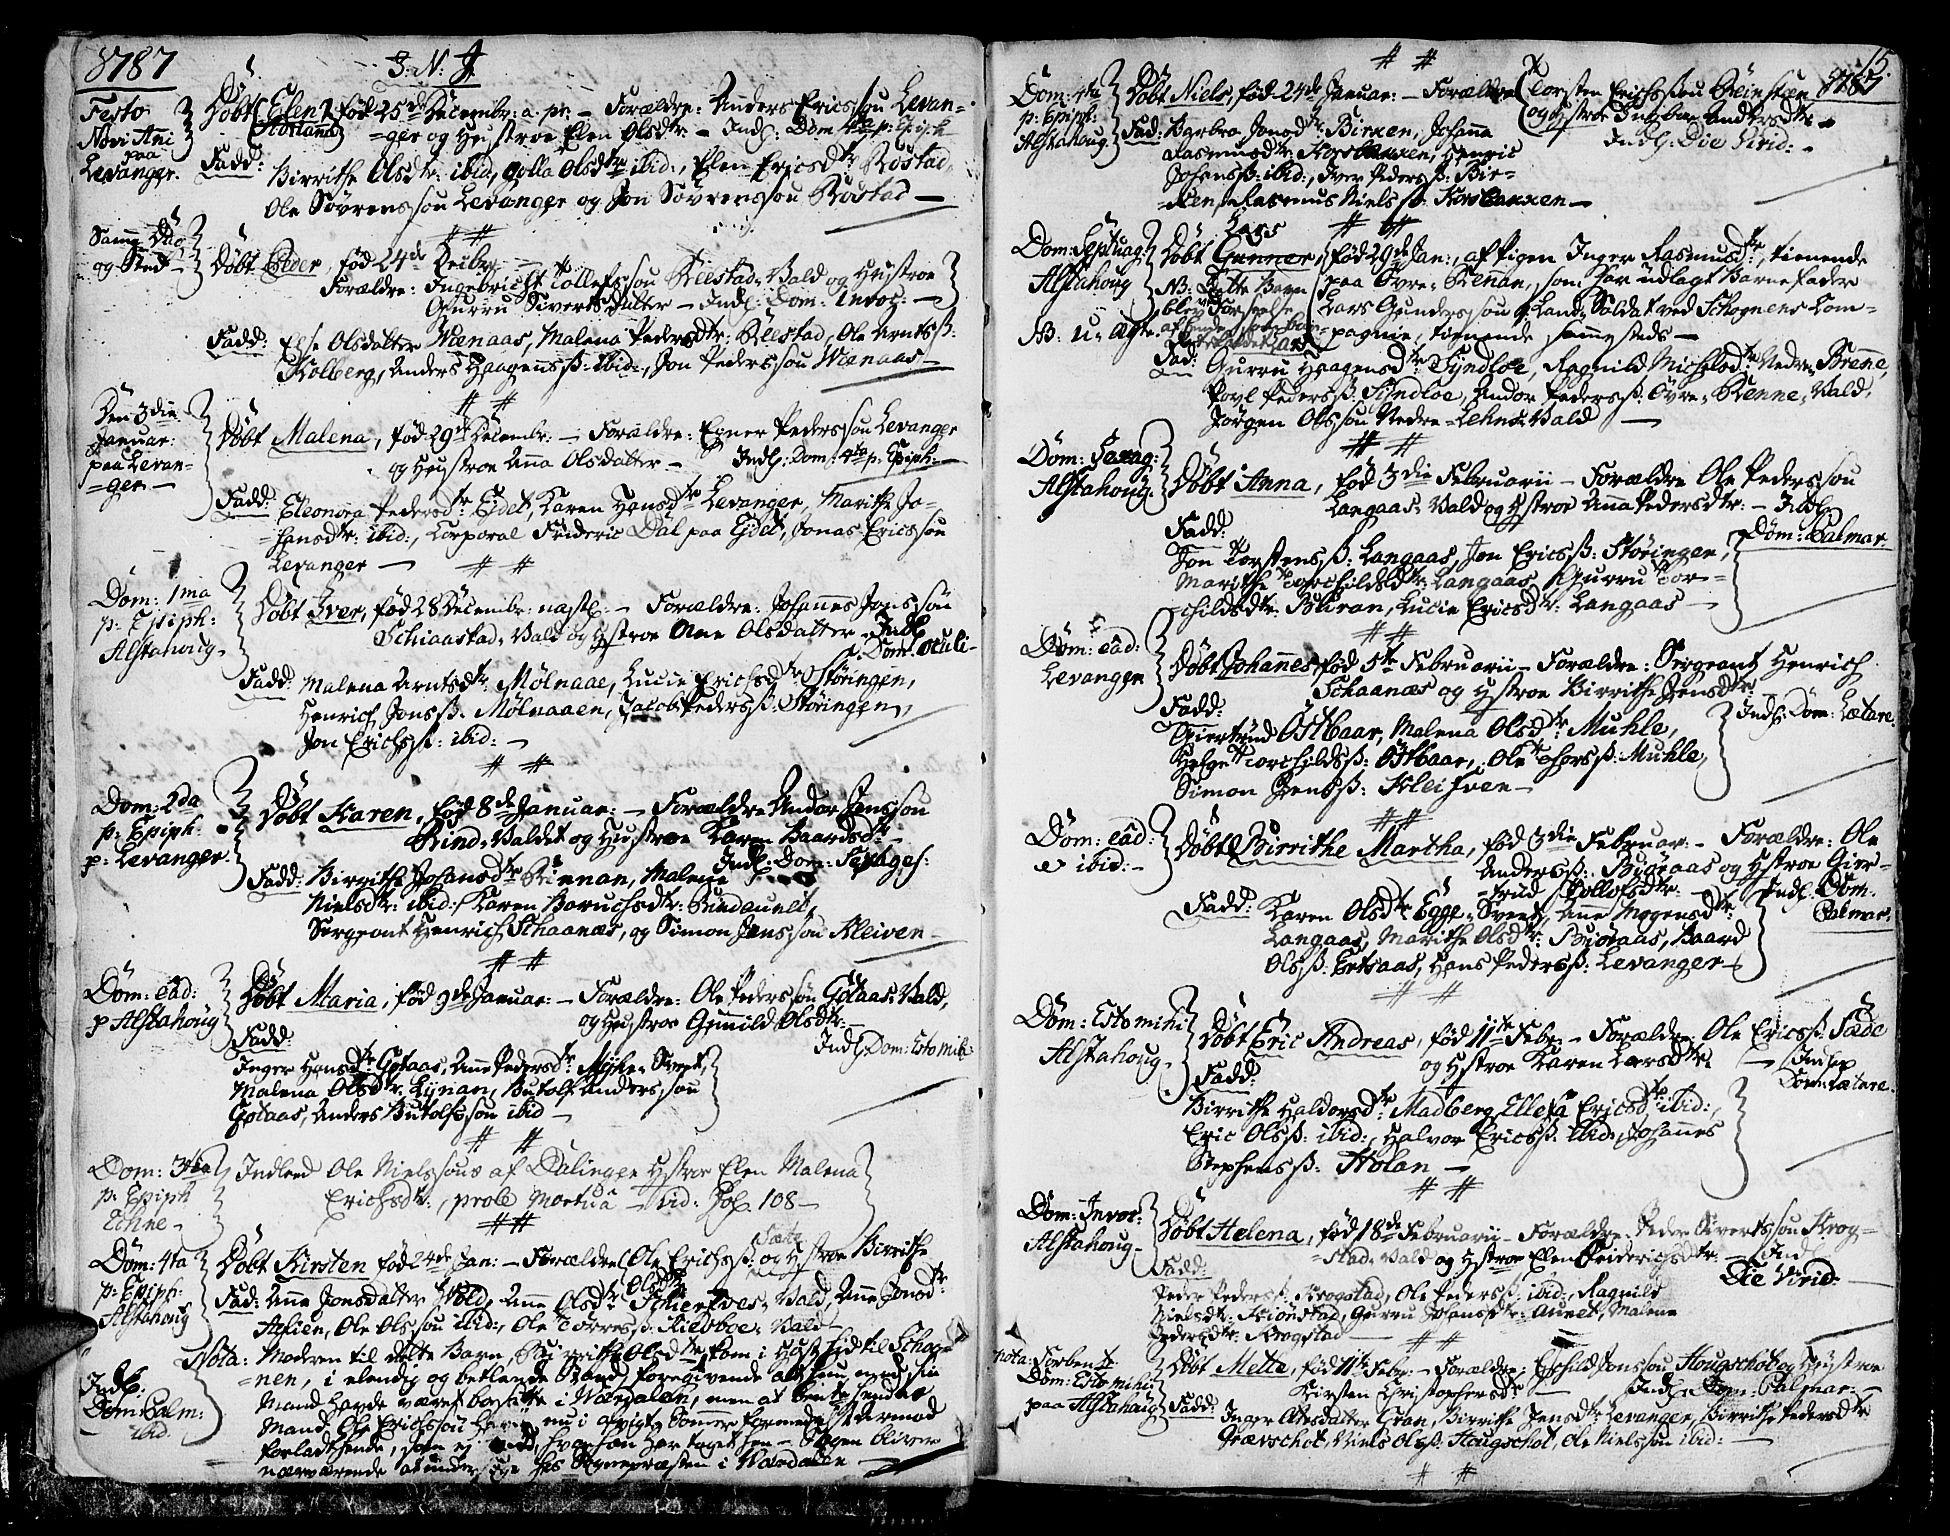 SAT, Ministerialprotokoller, klokkerbøker og fødselsregistre - Nord-Trøndelag, 717/L0142: Ministerialbok nr. 717A02 /1, 1783-1809, s. 15